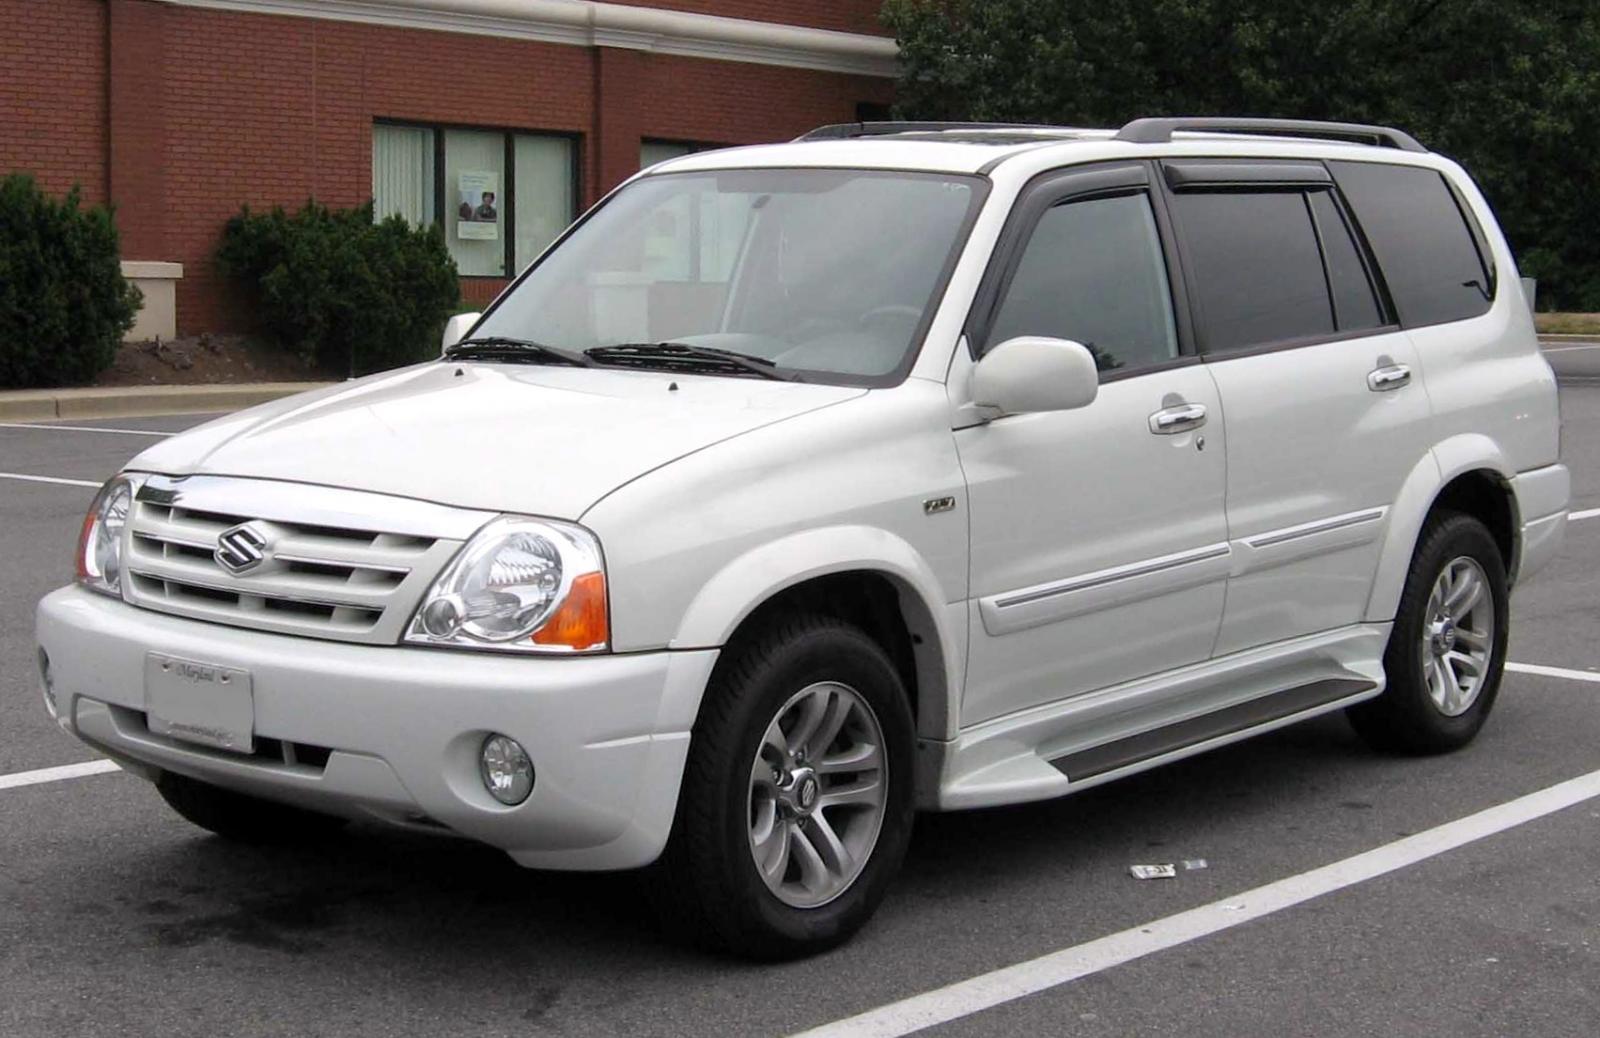 2004 Suzuki Xl7 >> 2004 Suzuki Xl 7 1600px Image 10